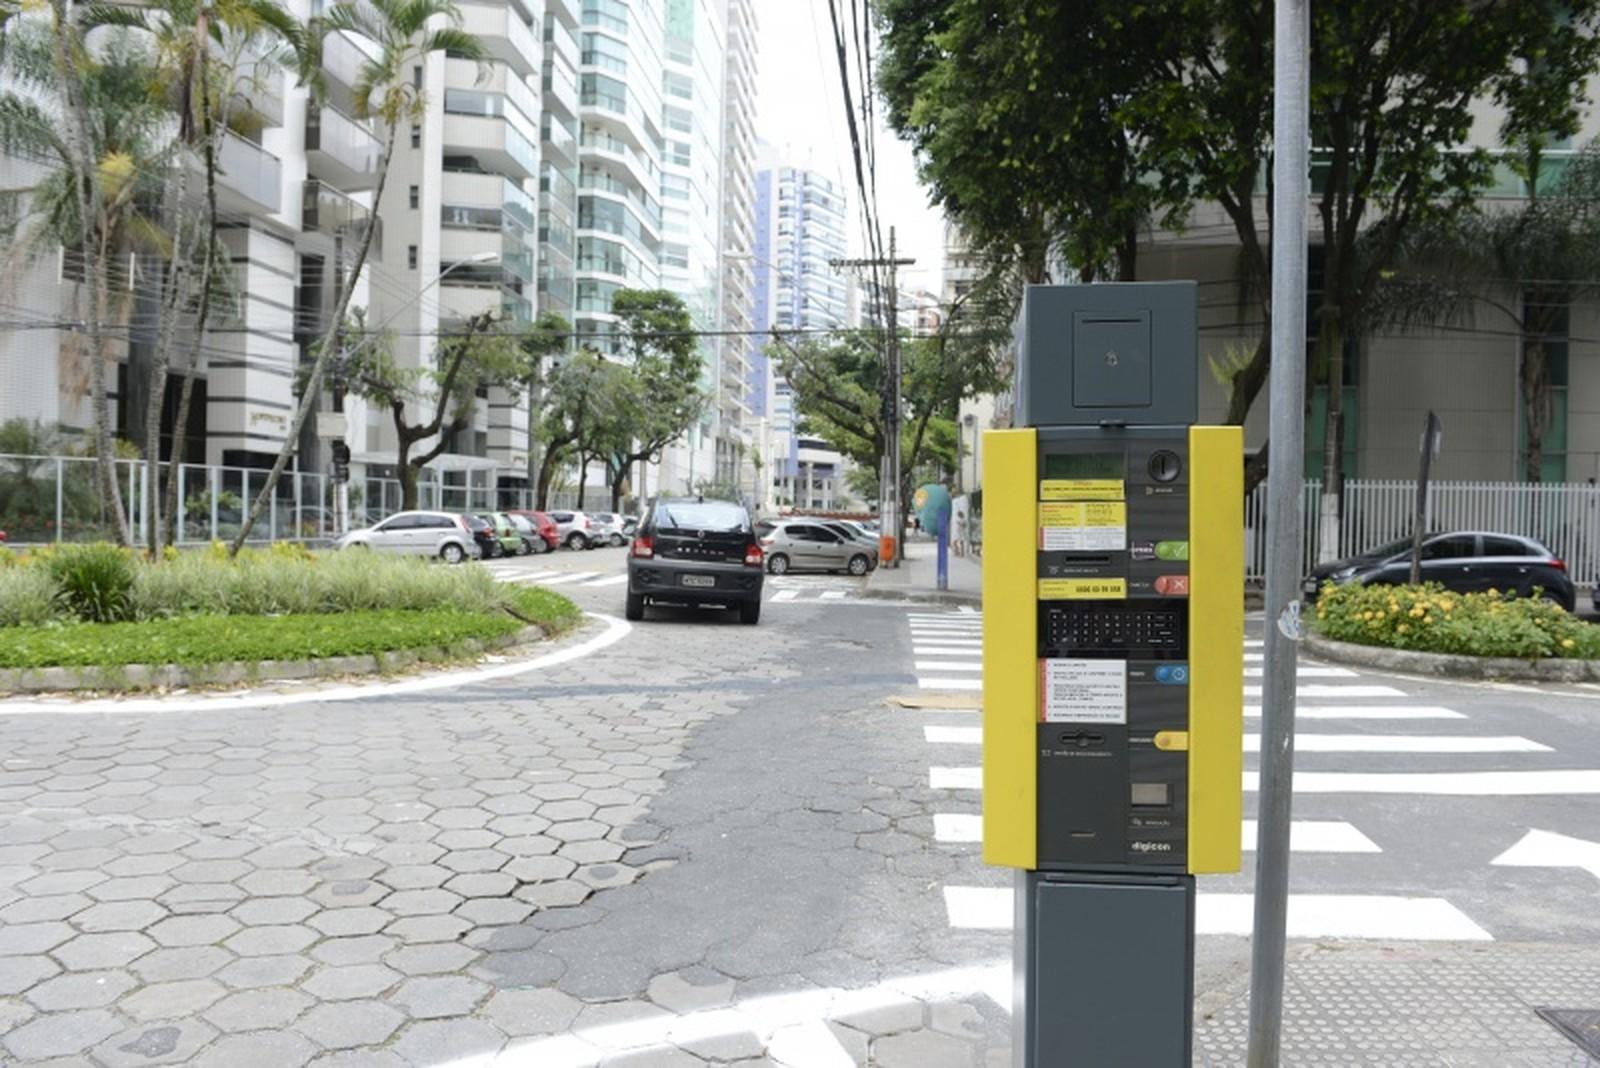 A cobrança por meio de parquímetros funciona na Capital desde novembro de 2014. Crédito: André Sobral | Prefeitura de Vitória